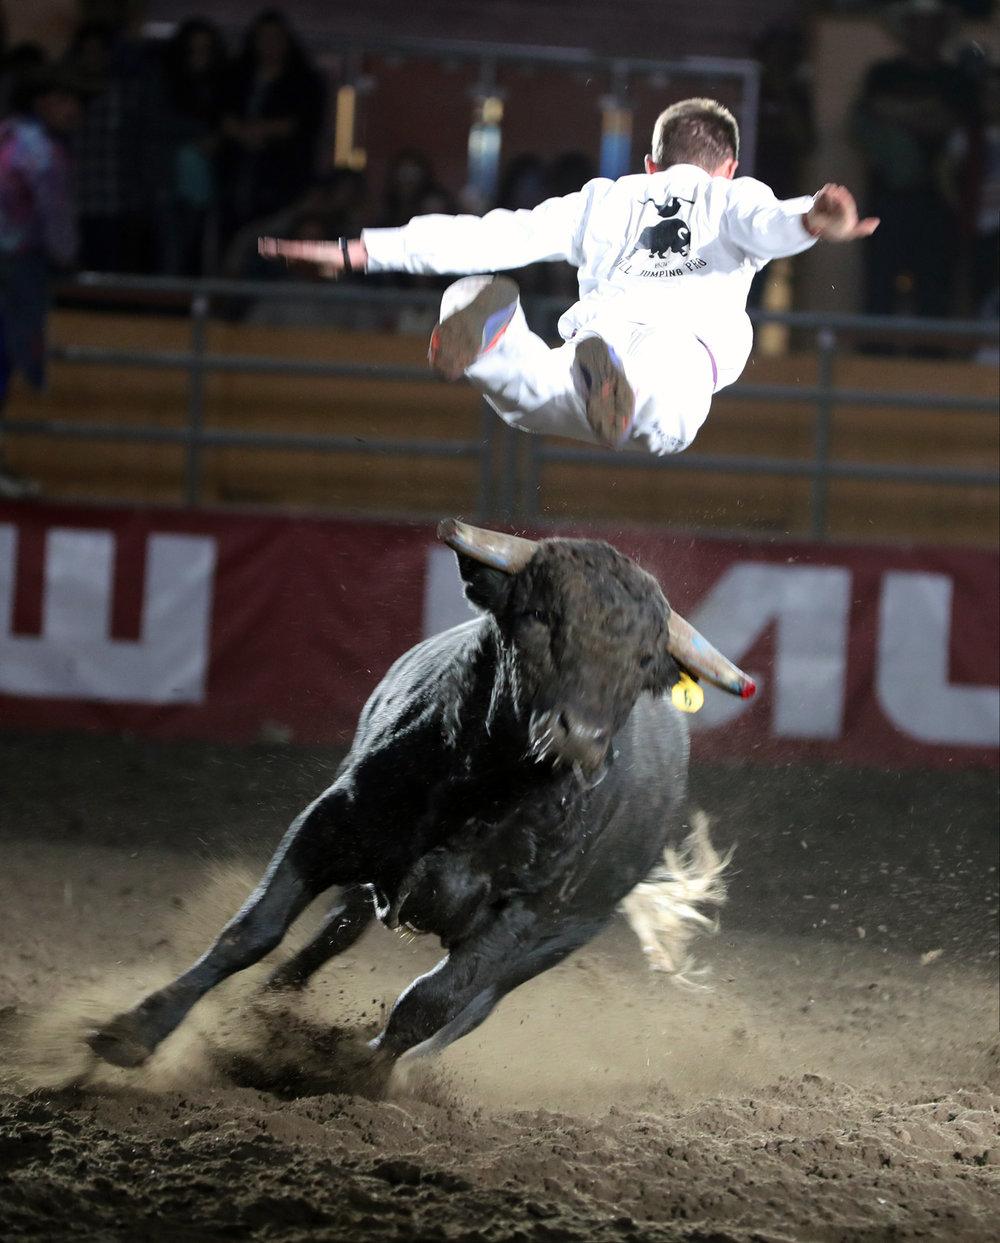 GNR - Flying Man Over Bull.jpg